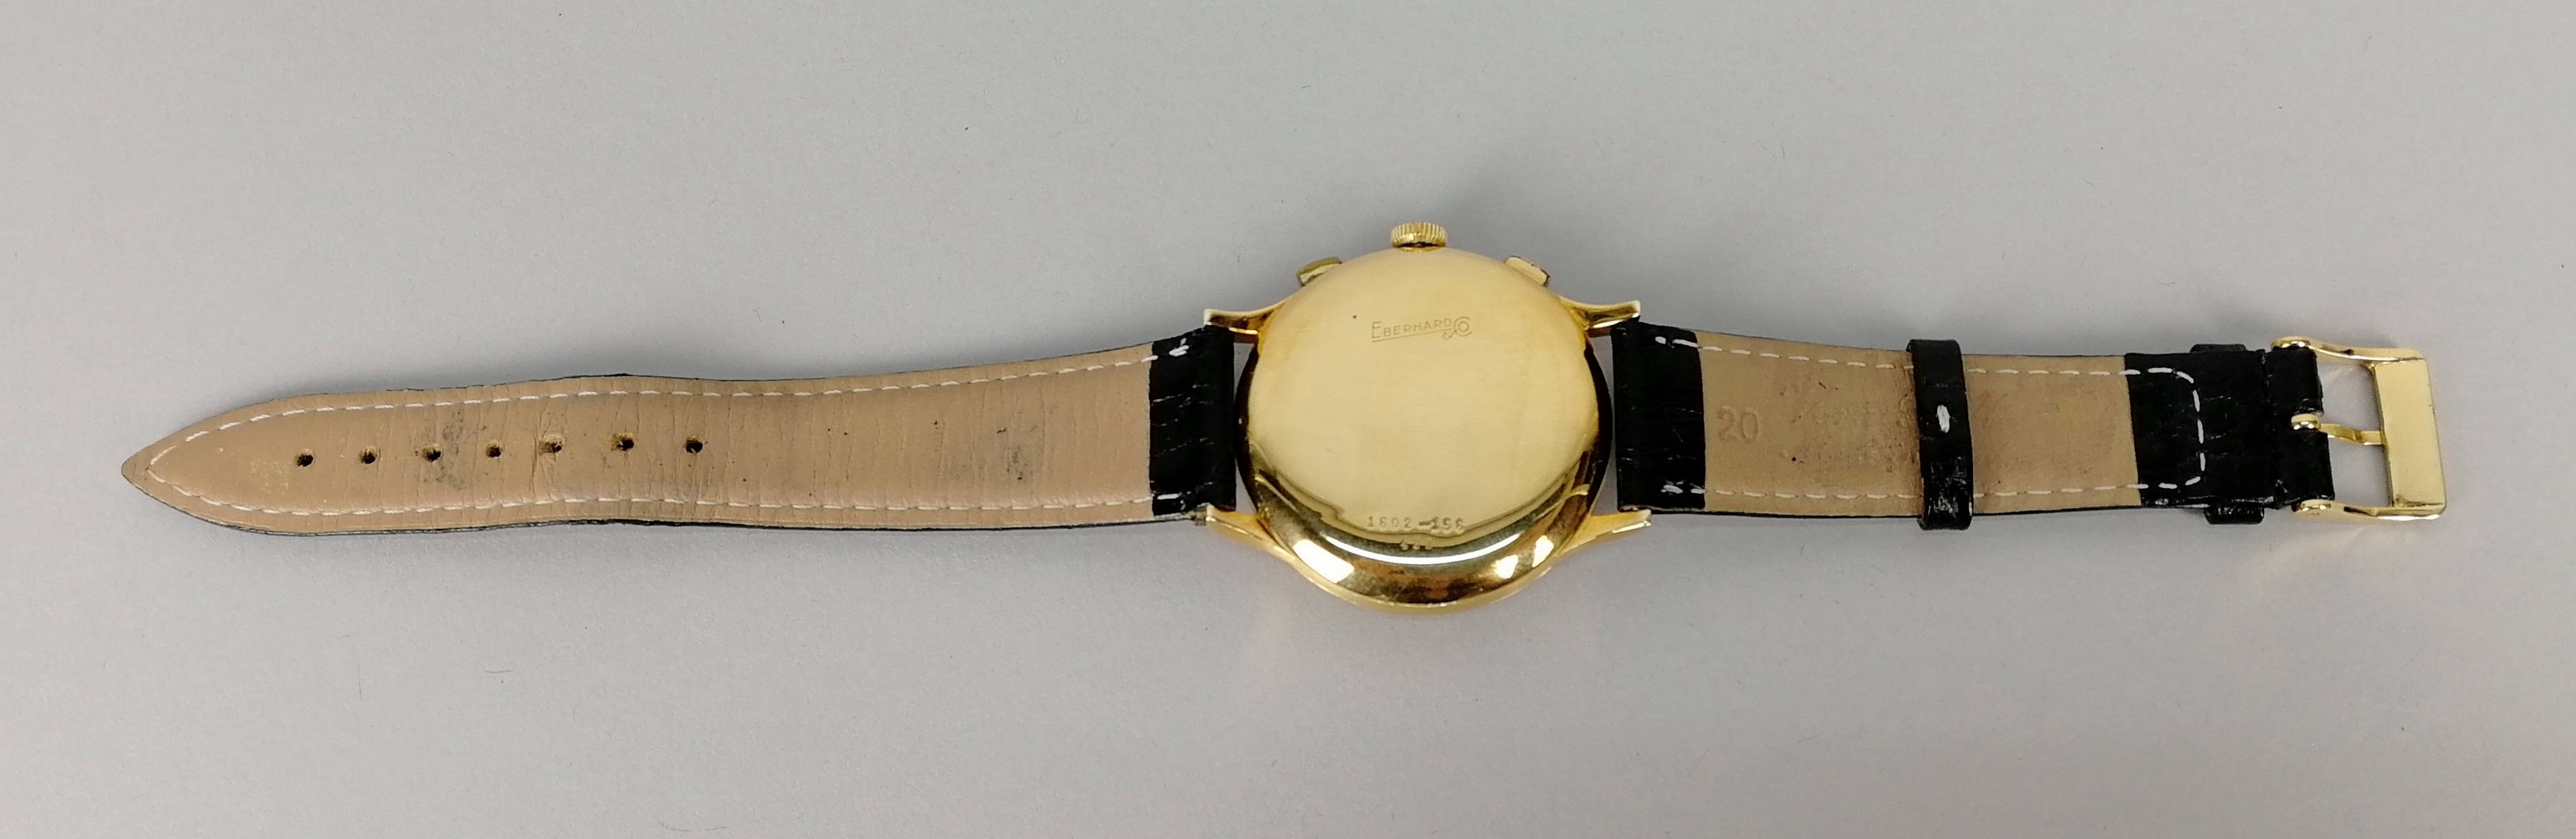 Lot 20 - EBERHARD. Orologio da uomo in oro giallo 18 kt., modello Chrono Extra-Fort, a carica manuale '